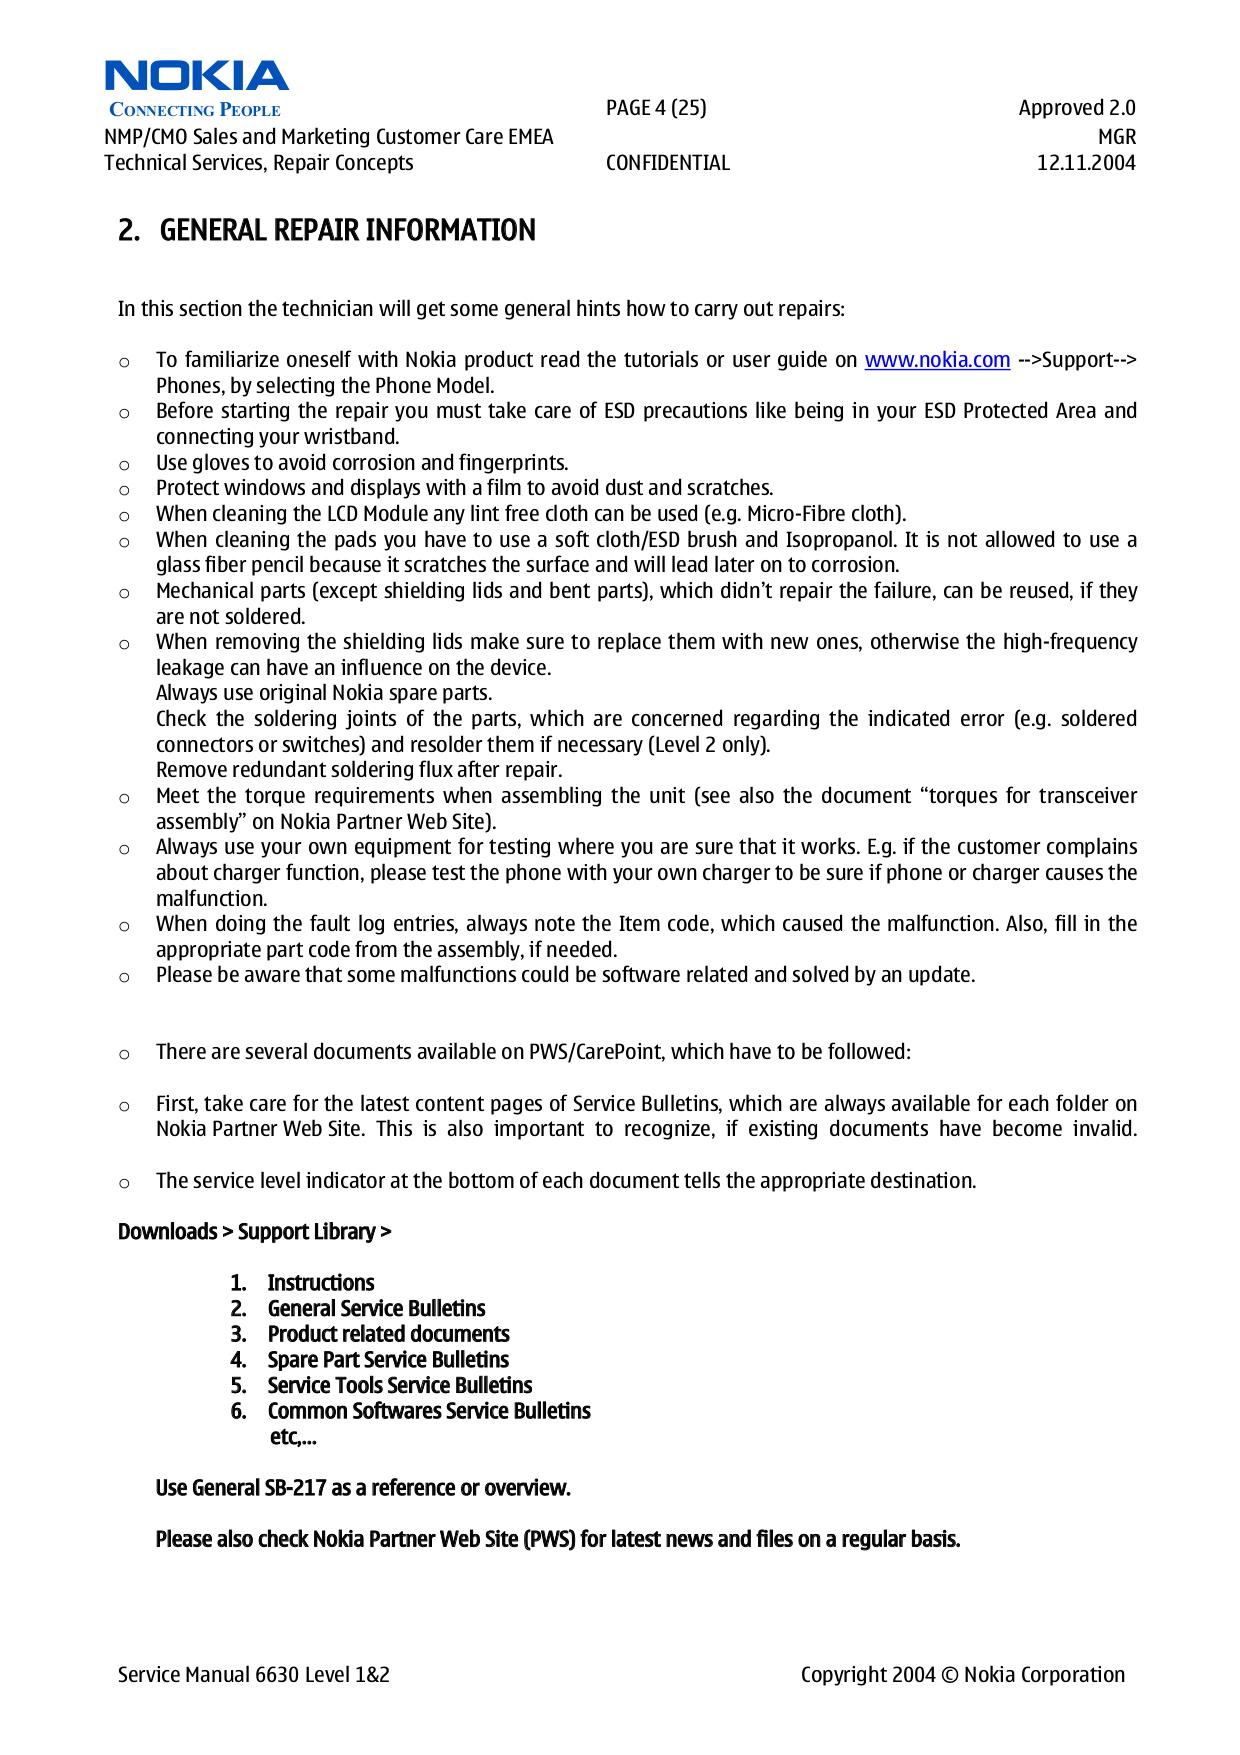 pdf manual for nokia cell phone 6630 rh umlib com